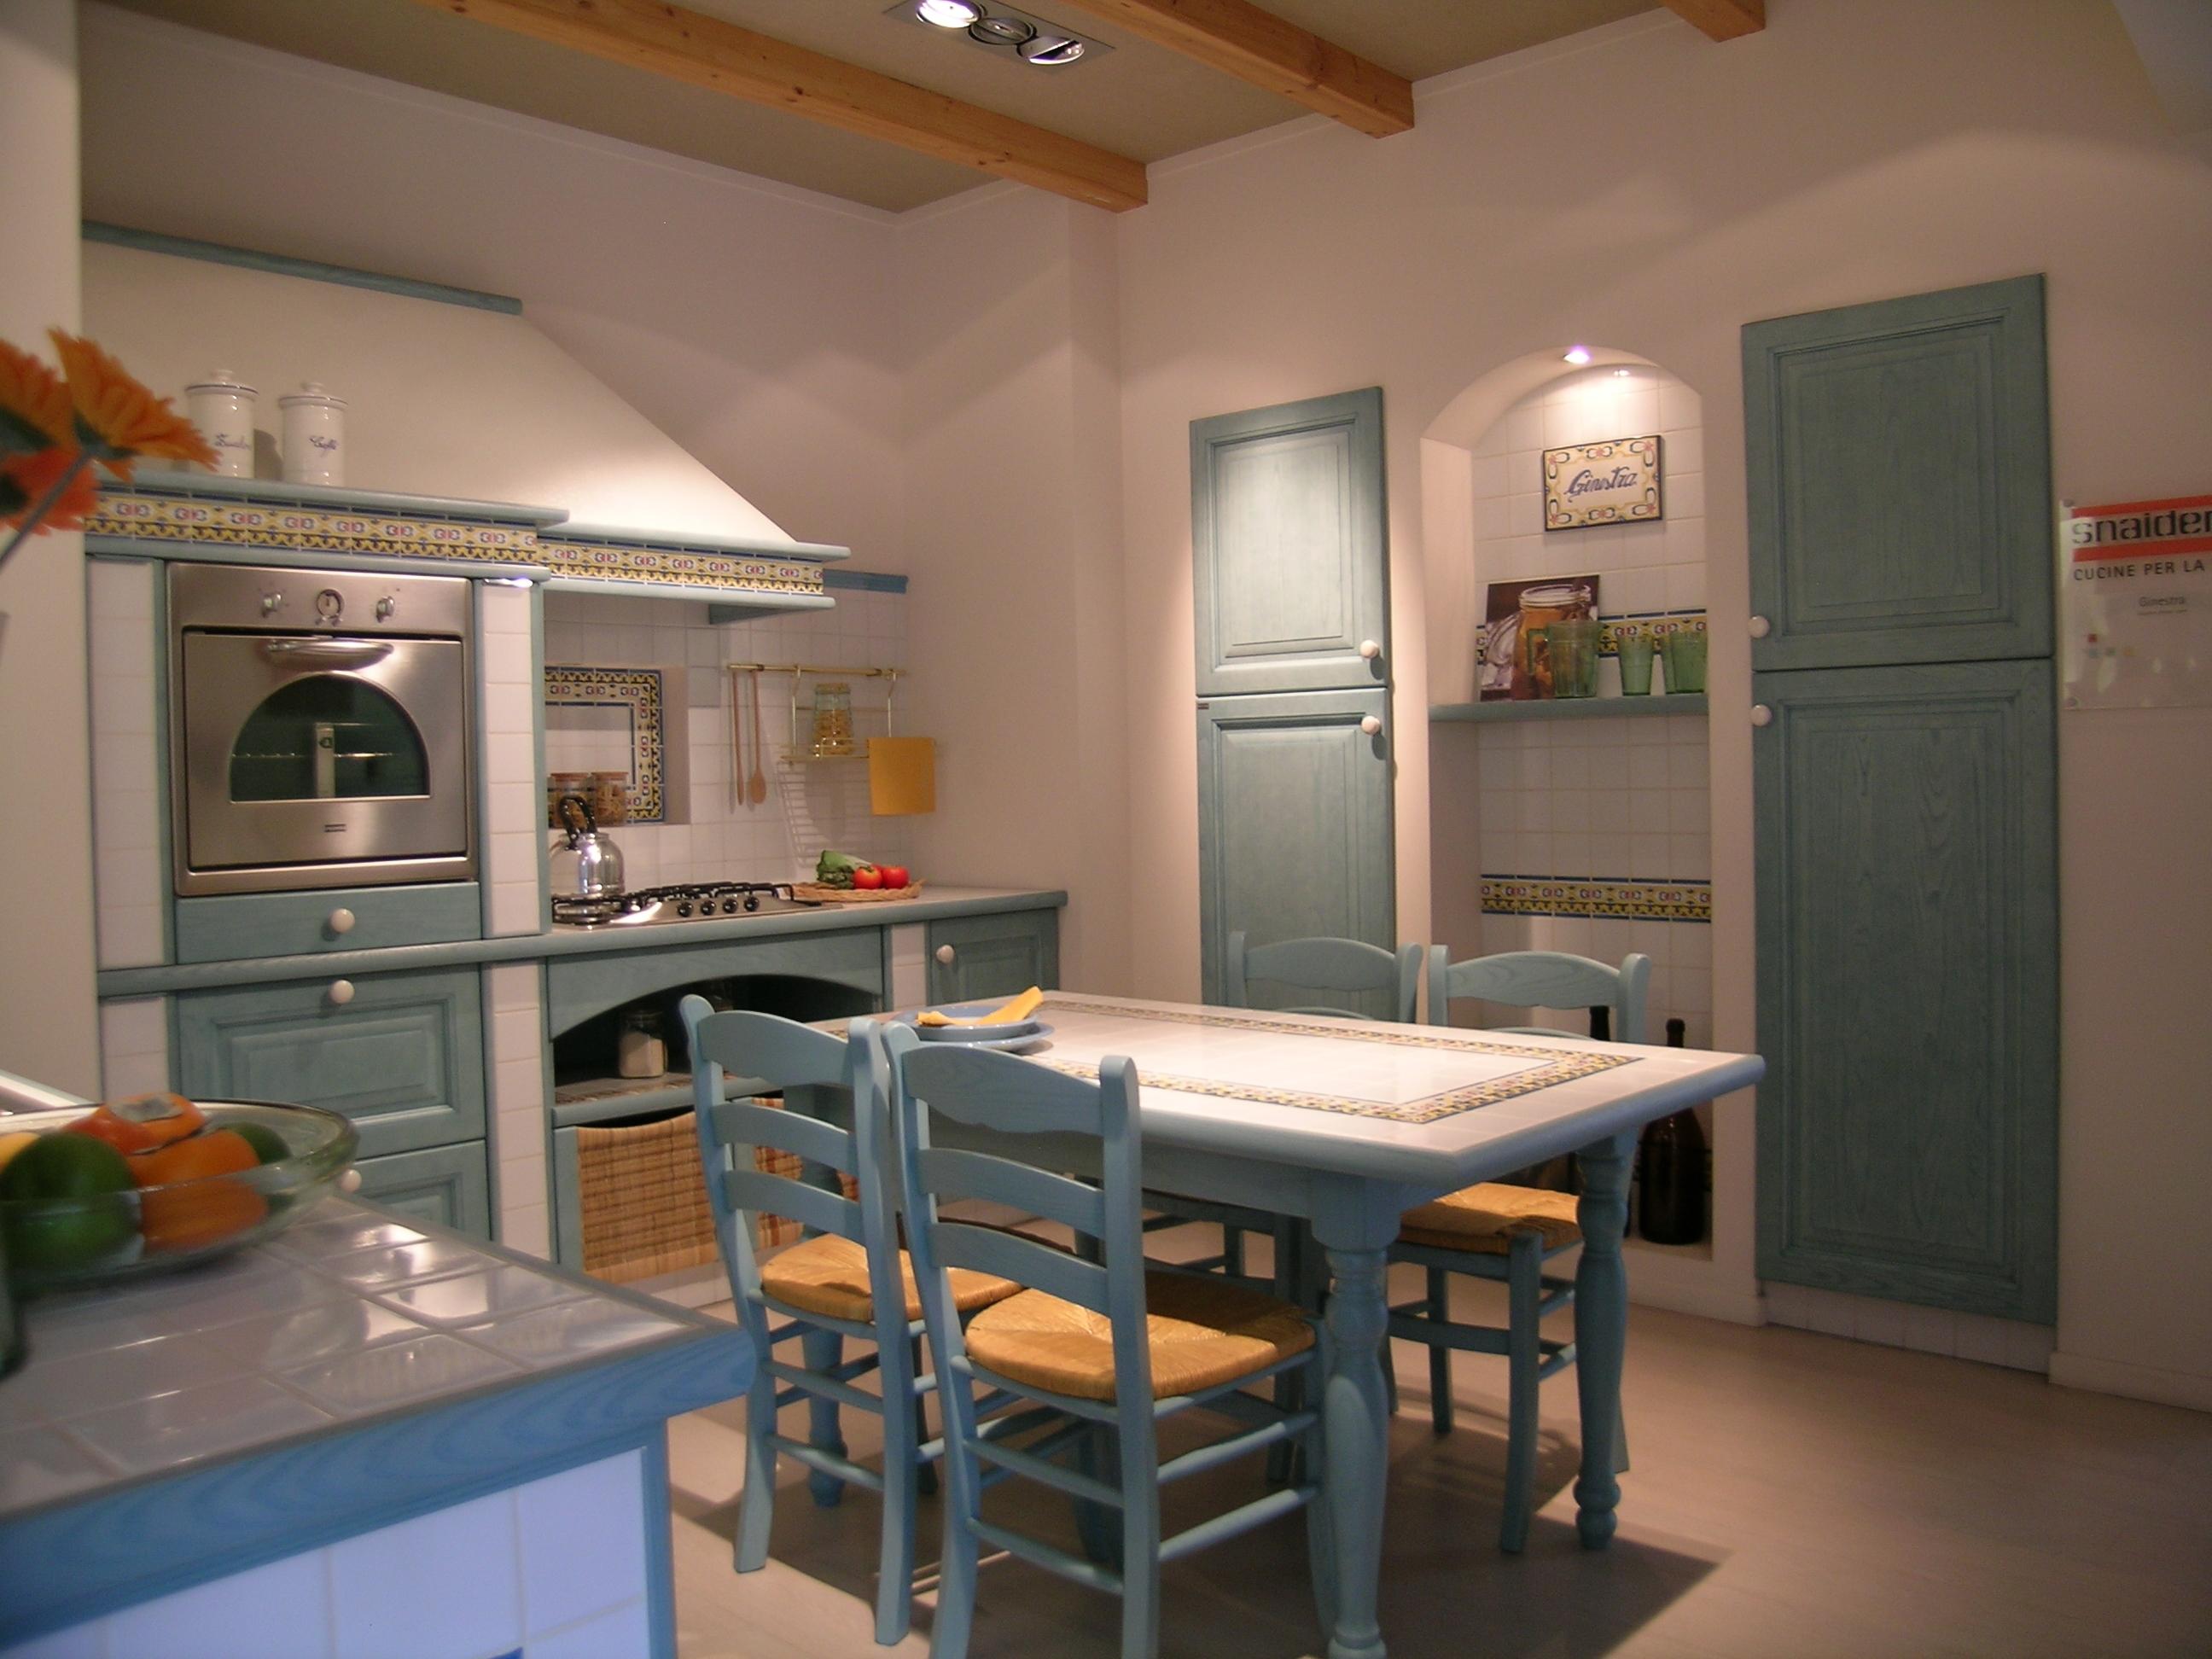 Cucine Snaidero Listino Prezzi. Trendy Costo Cucina Snaidero Le ...